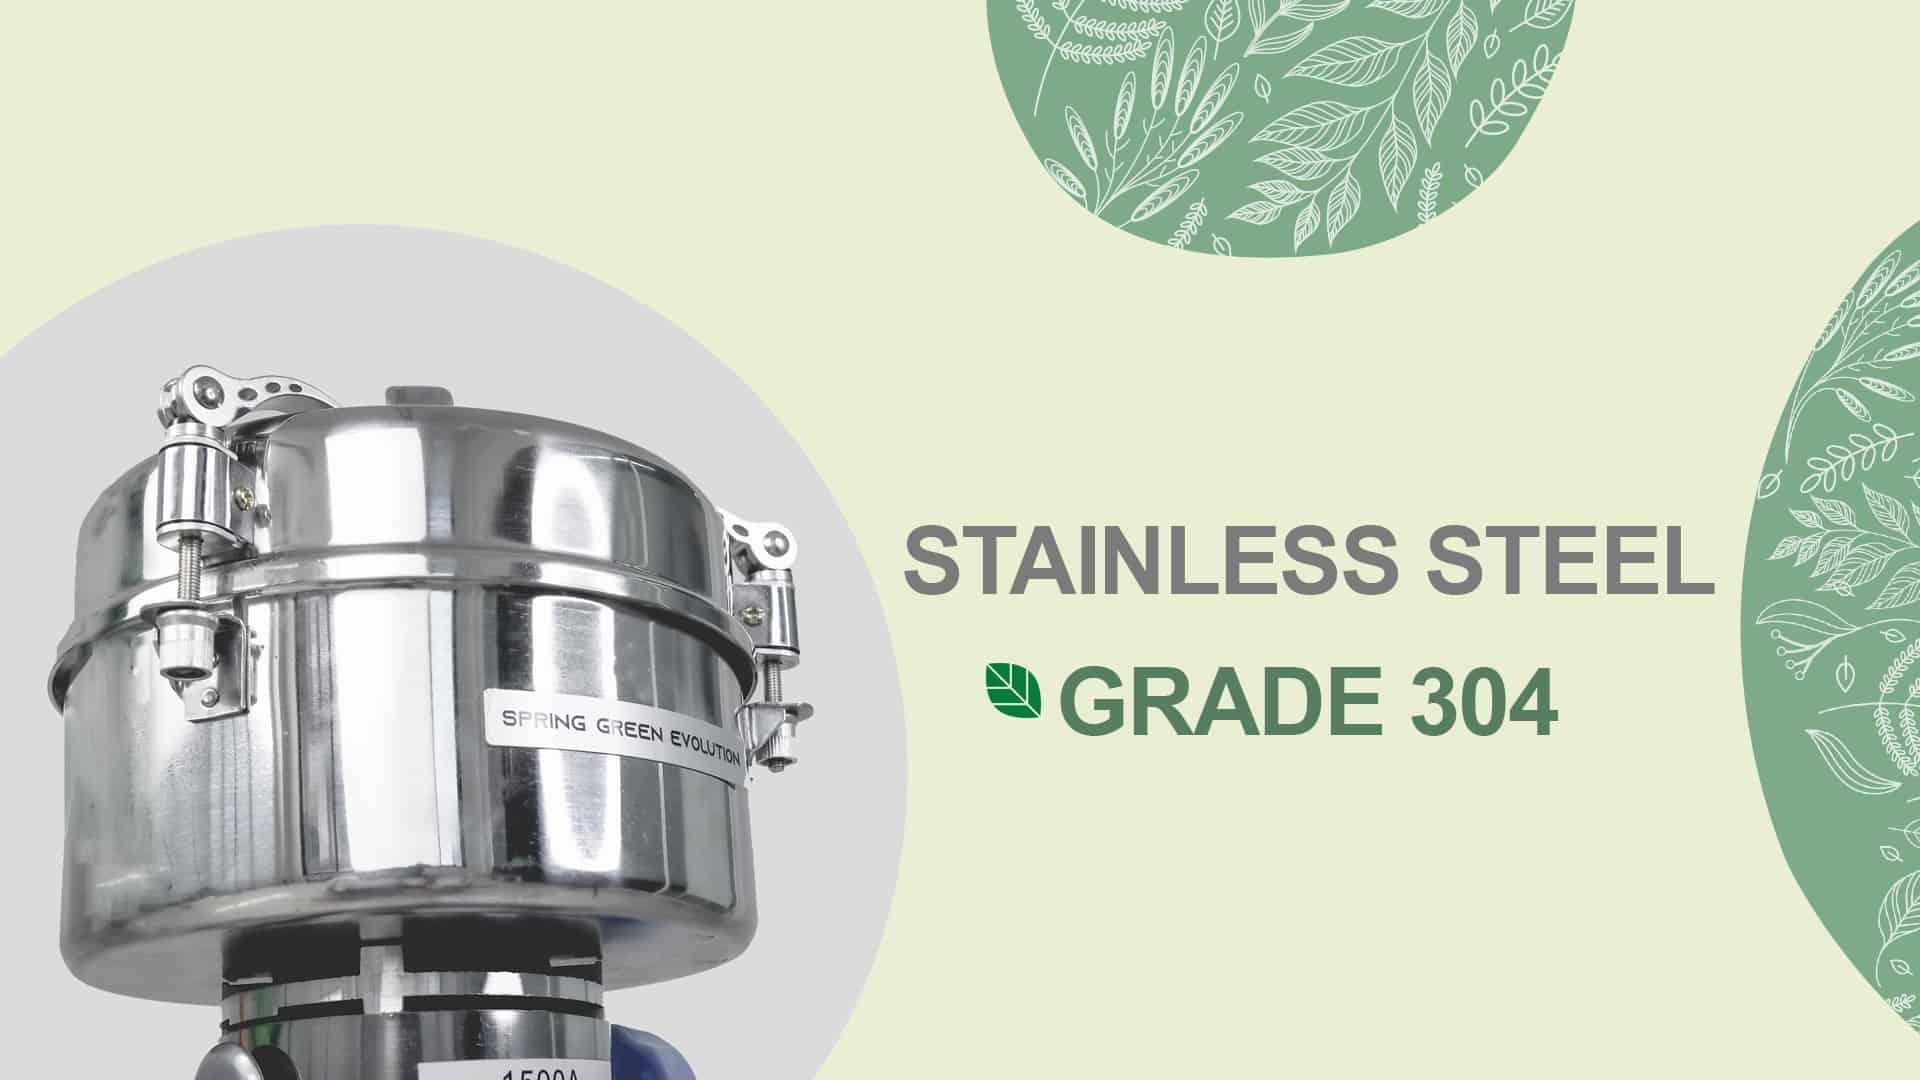 เครื่องบดสมุนไพร-PG-Stainless Steel Grade 304